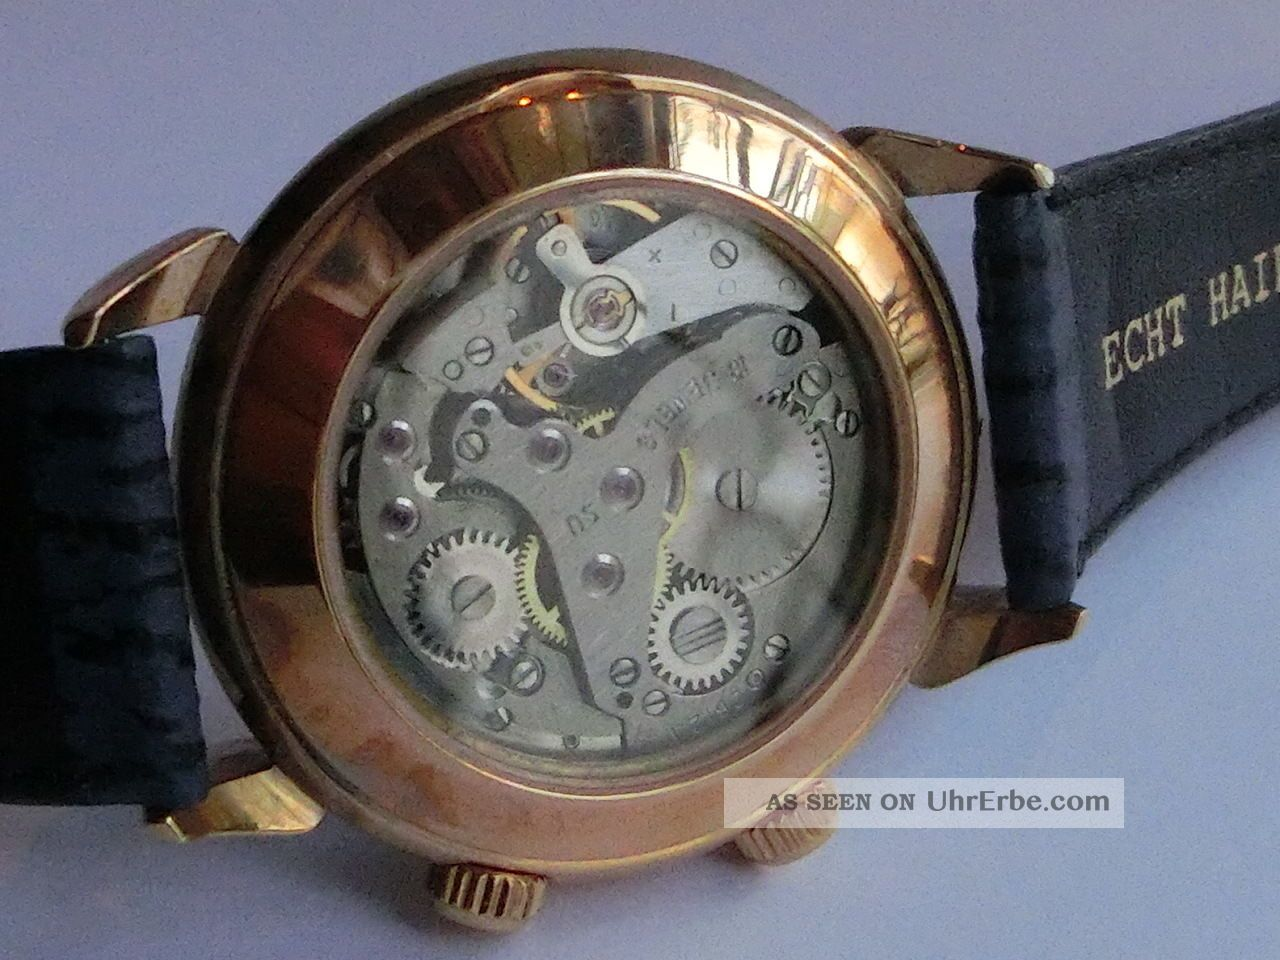 MasMechanische ArmbanduhrweckerNos MasMechanische Alarm ArmbanduhrweckerNos Jean Alarm Jean Le Le 76fbgy